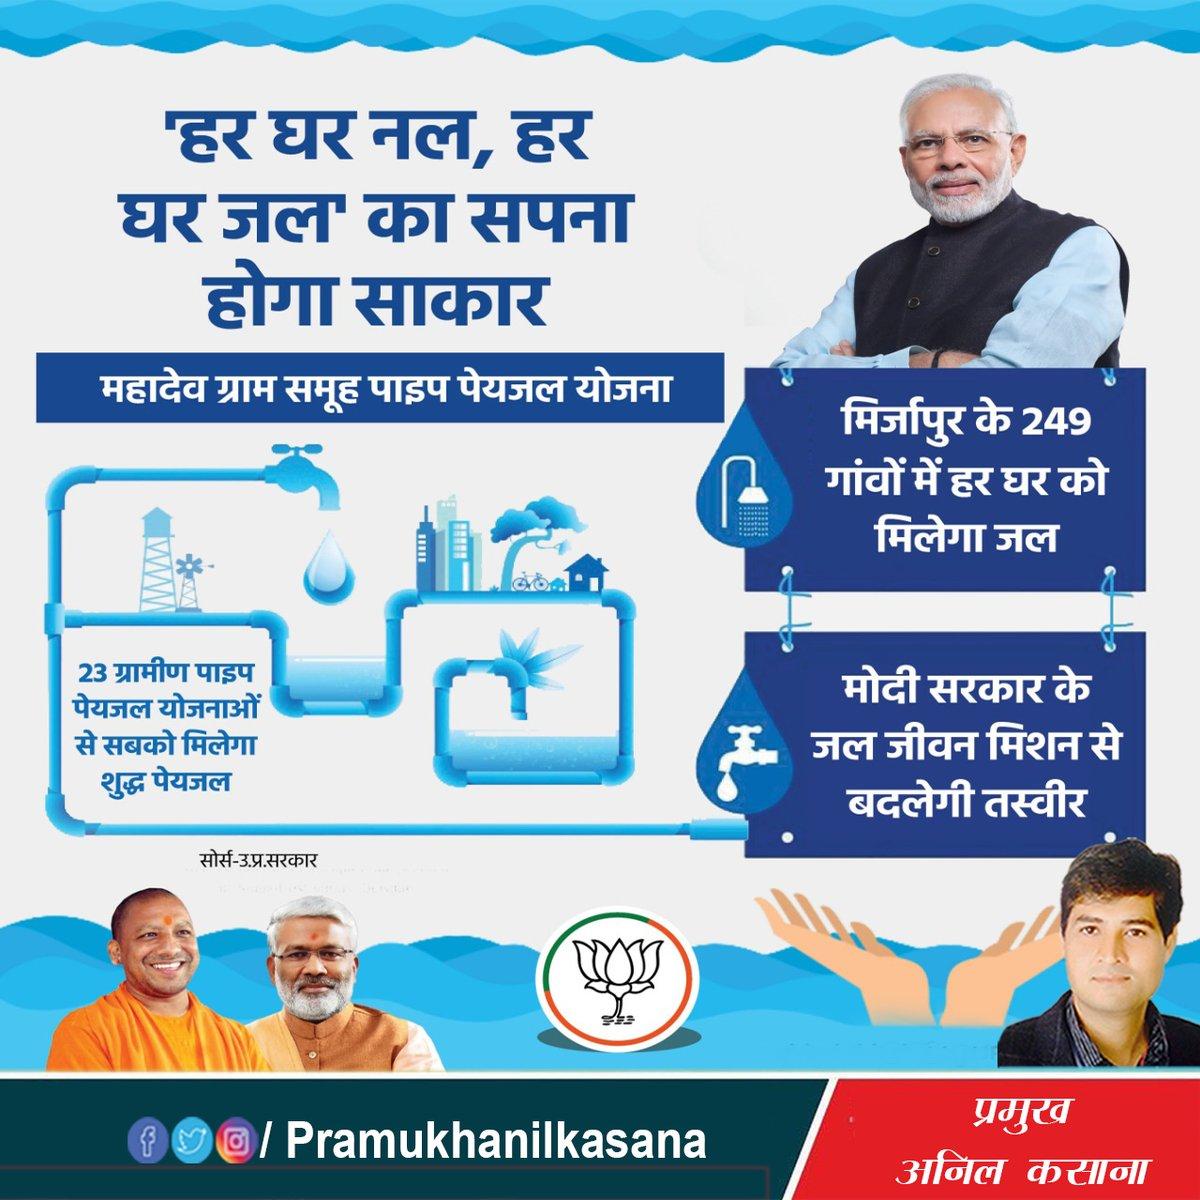 #ग्रामीण क्षेत्रों में #शुद्ध_जल की आपूर्ति हो रही सुनिश्चित #पेयजल योजनाओं का #यूपी में #युद्धस्तर पर हो रहा कार्य #pureWater #JalShakti4UP #jalJivan #Mirzapur #Mahadev #yogi #ModiHaiToMumkinHai #Modi @BJP4India @BJP4UP @Bjp4Ghaziabad @CMOfficeUP @UPGovt @swatantrabjp @PMOIndia